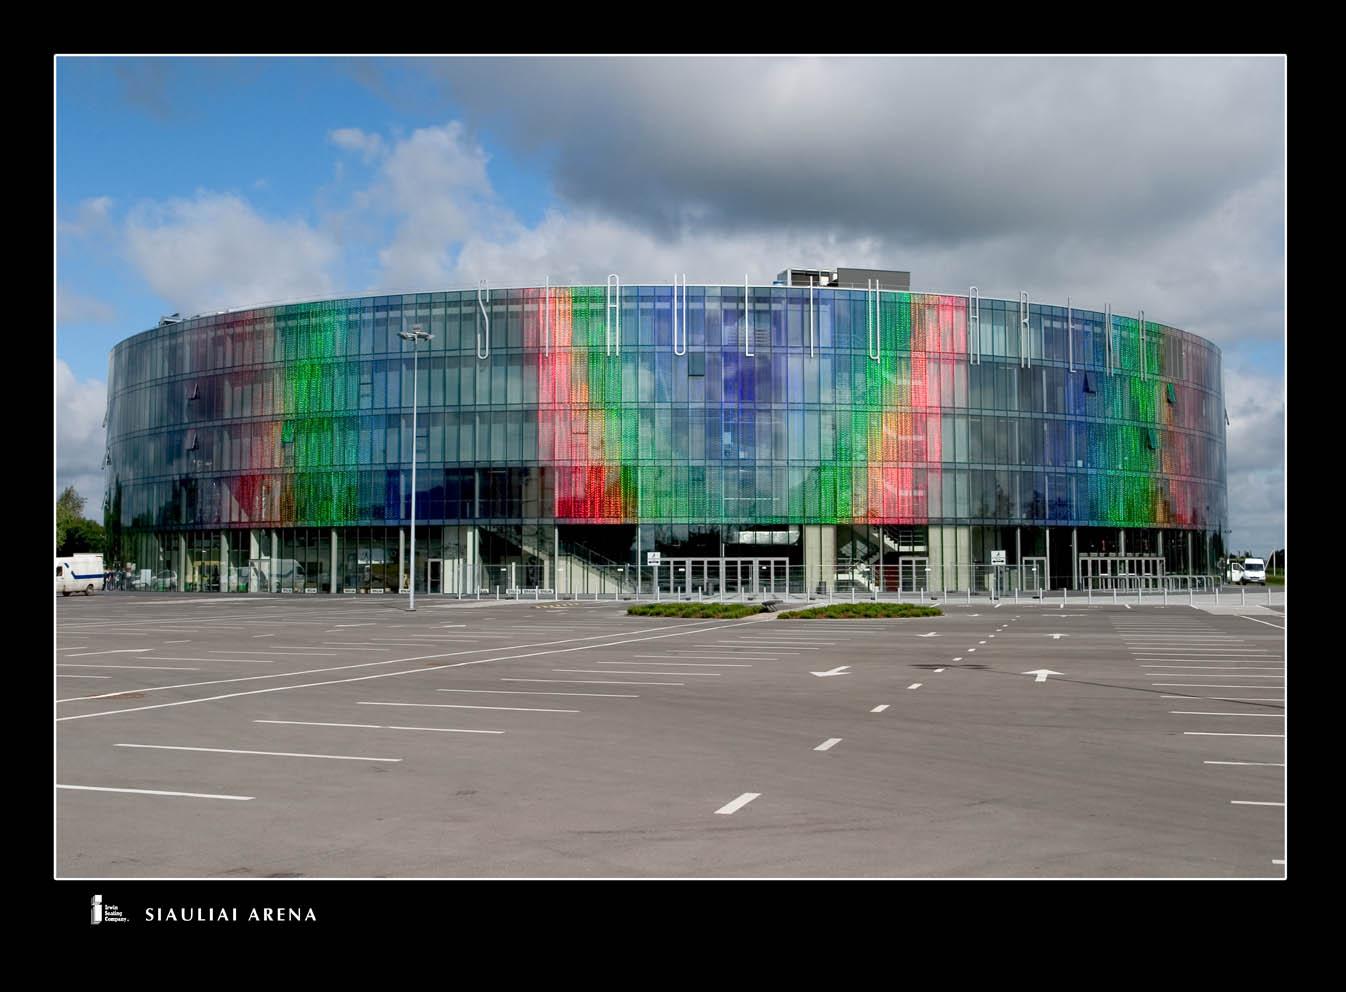 Flickr - Siauliai-Arena-01